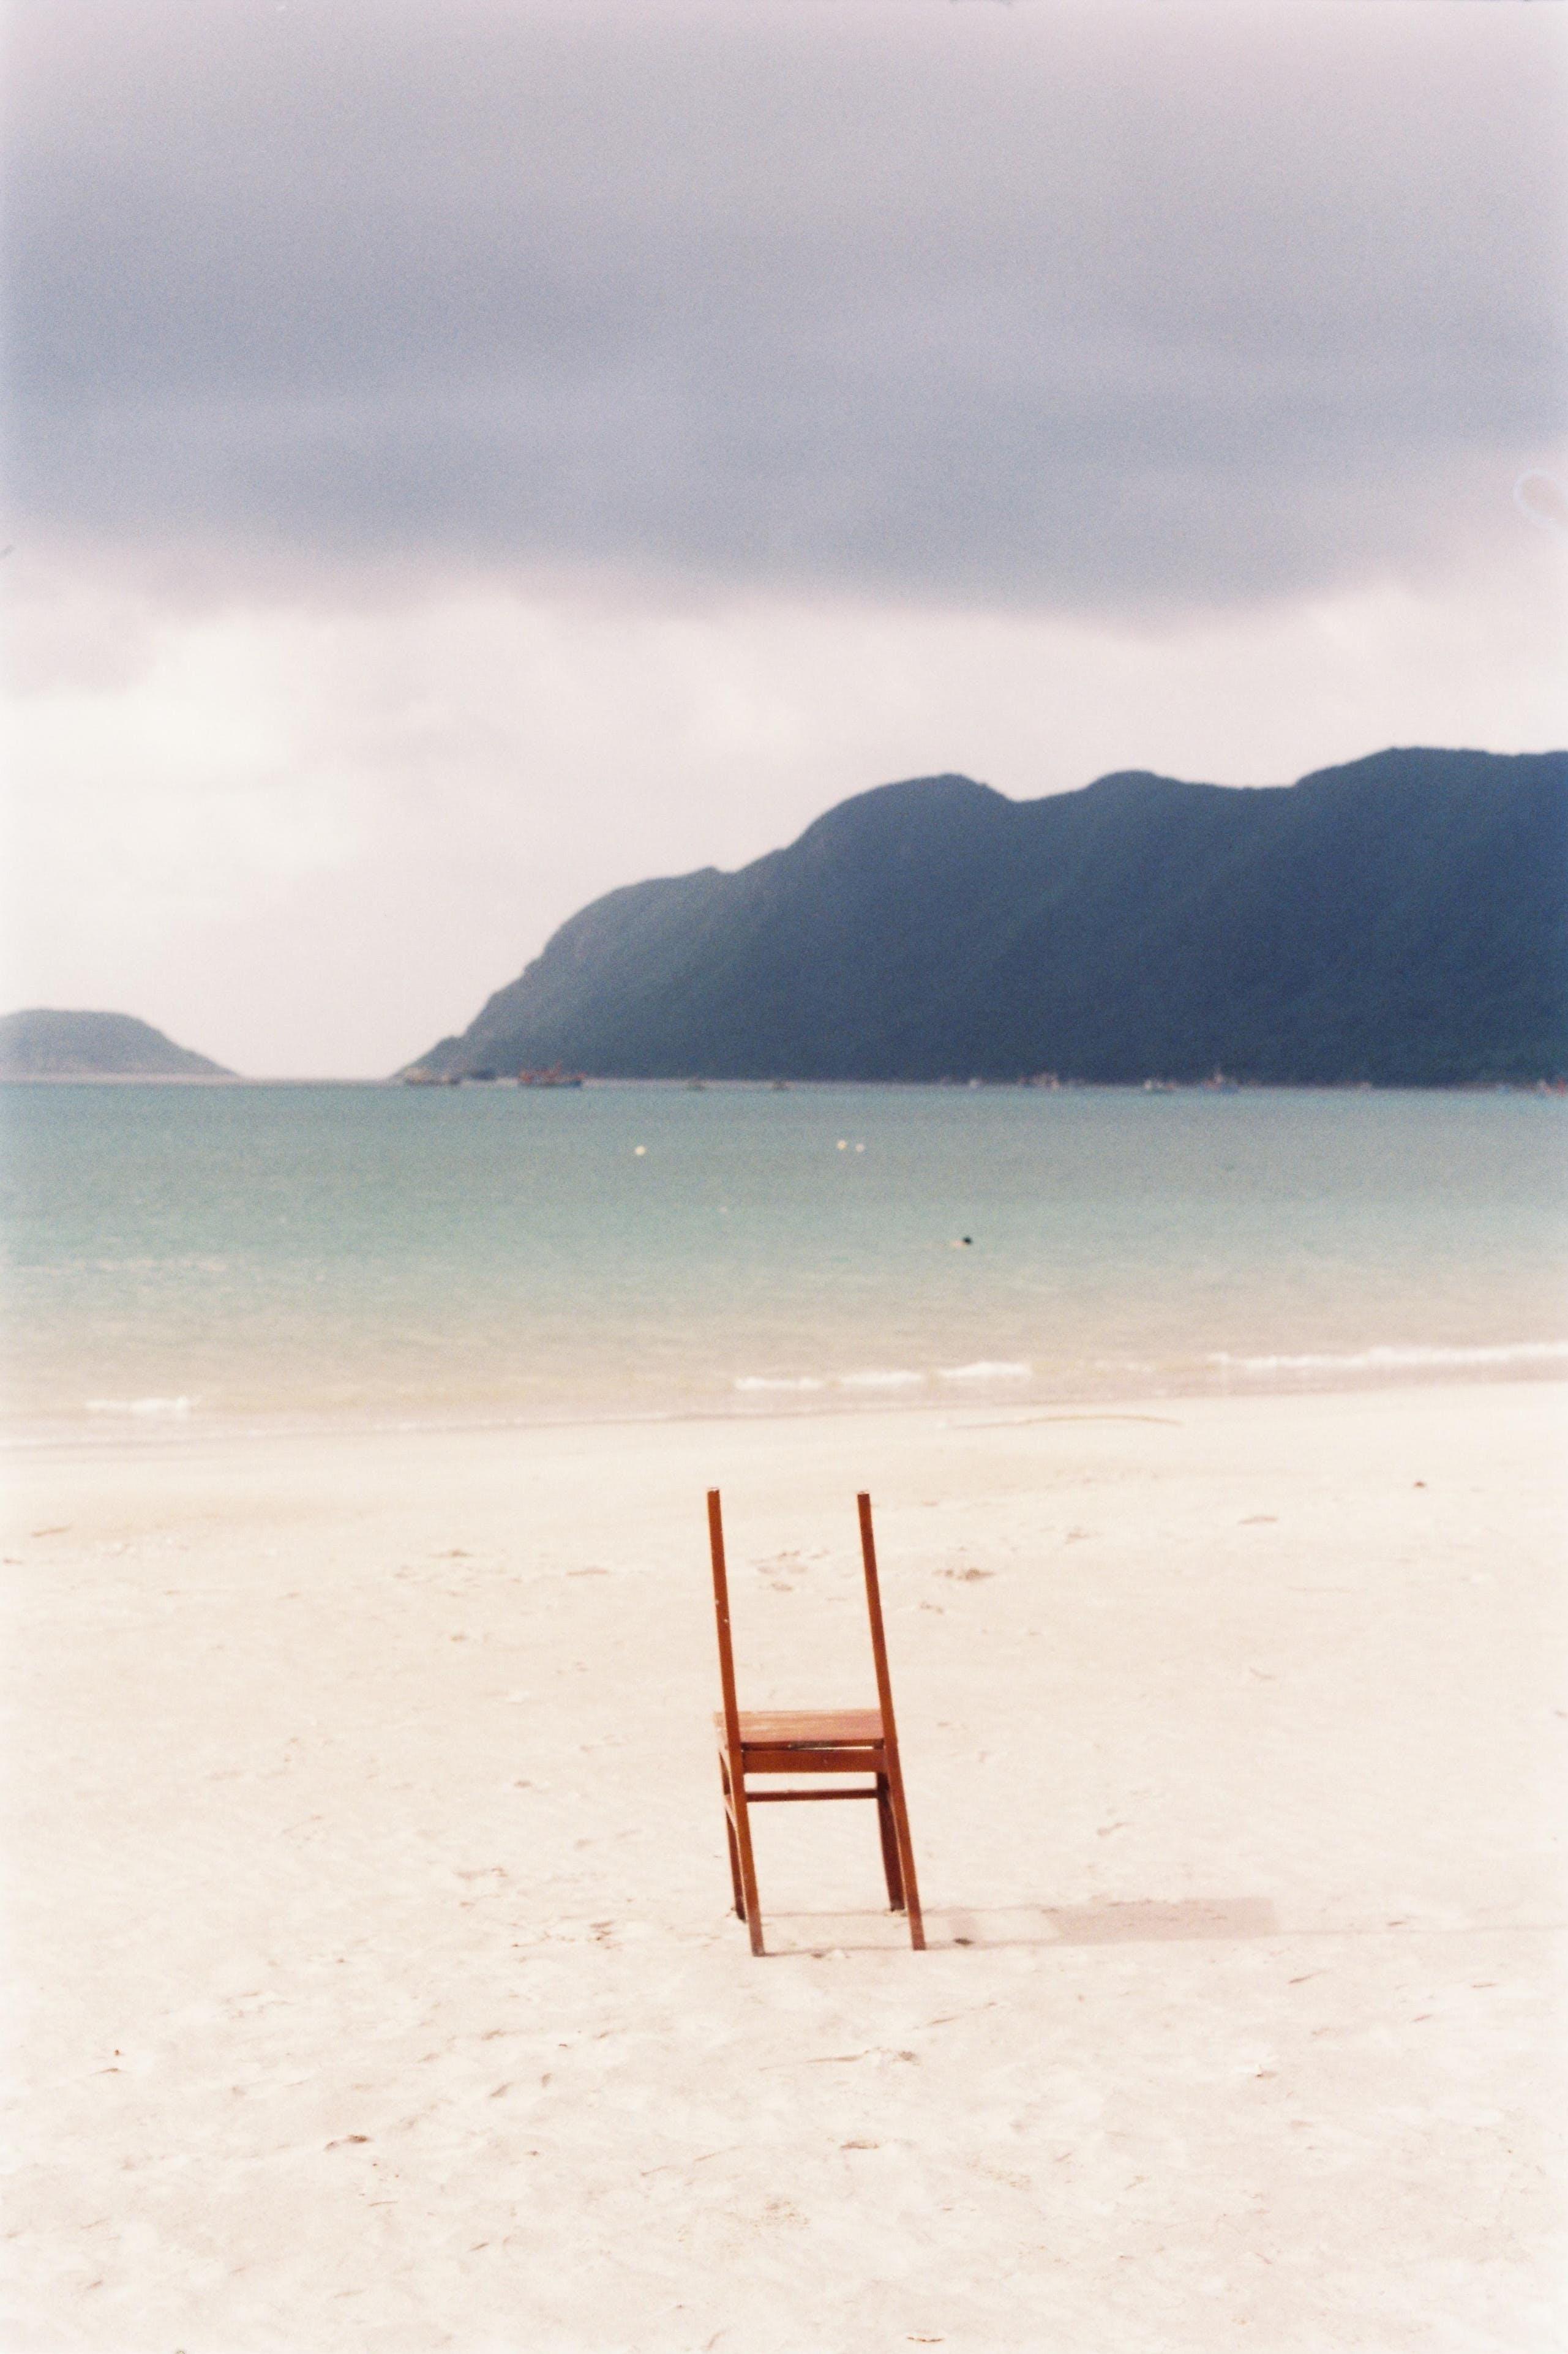 meer, meeresküste, ozean